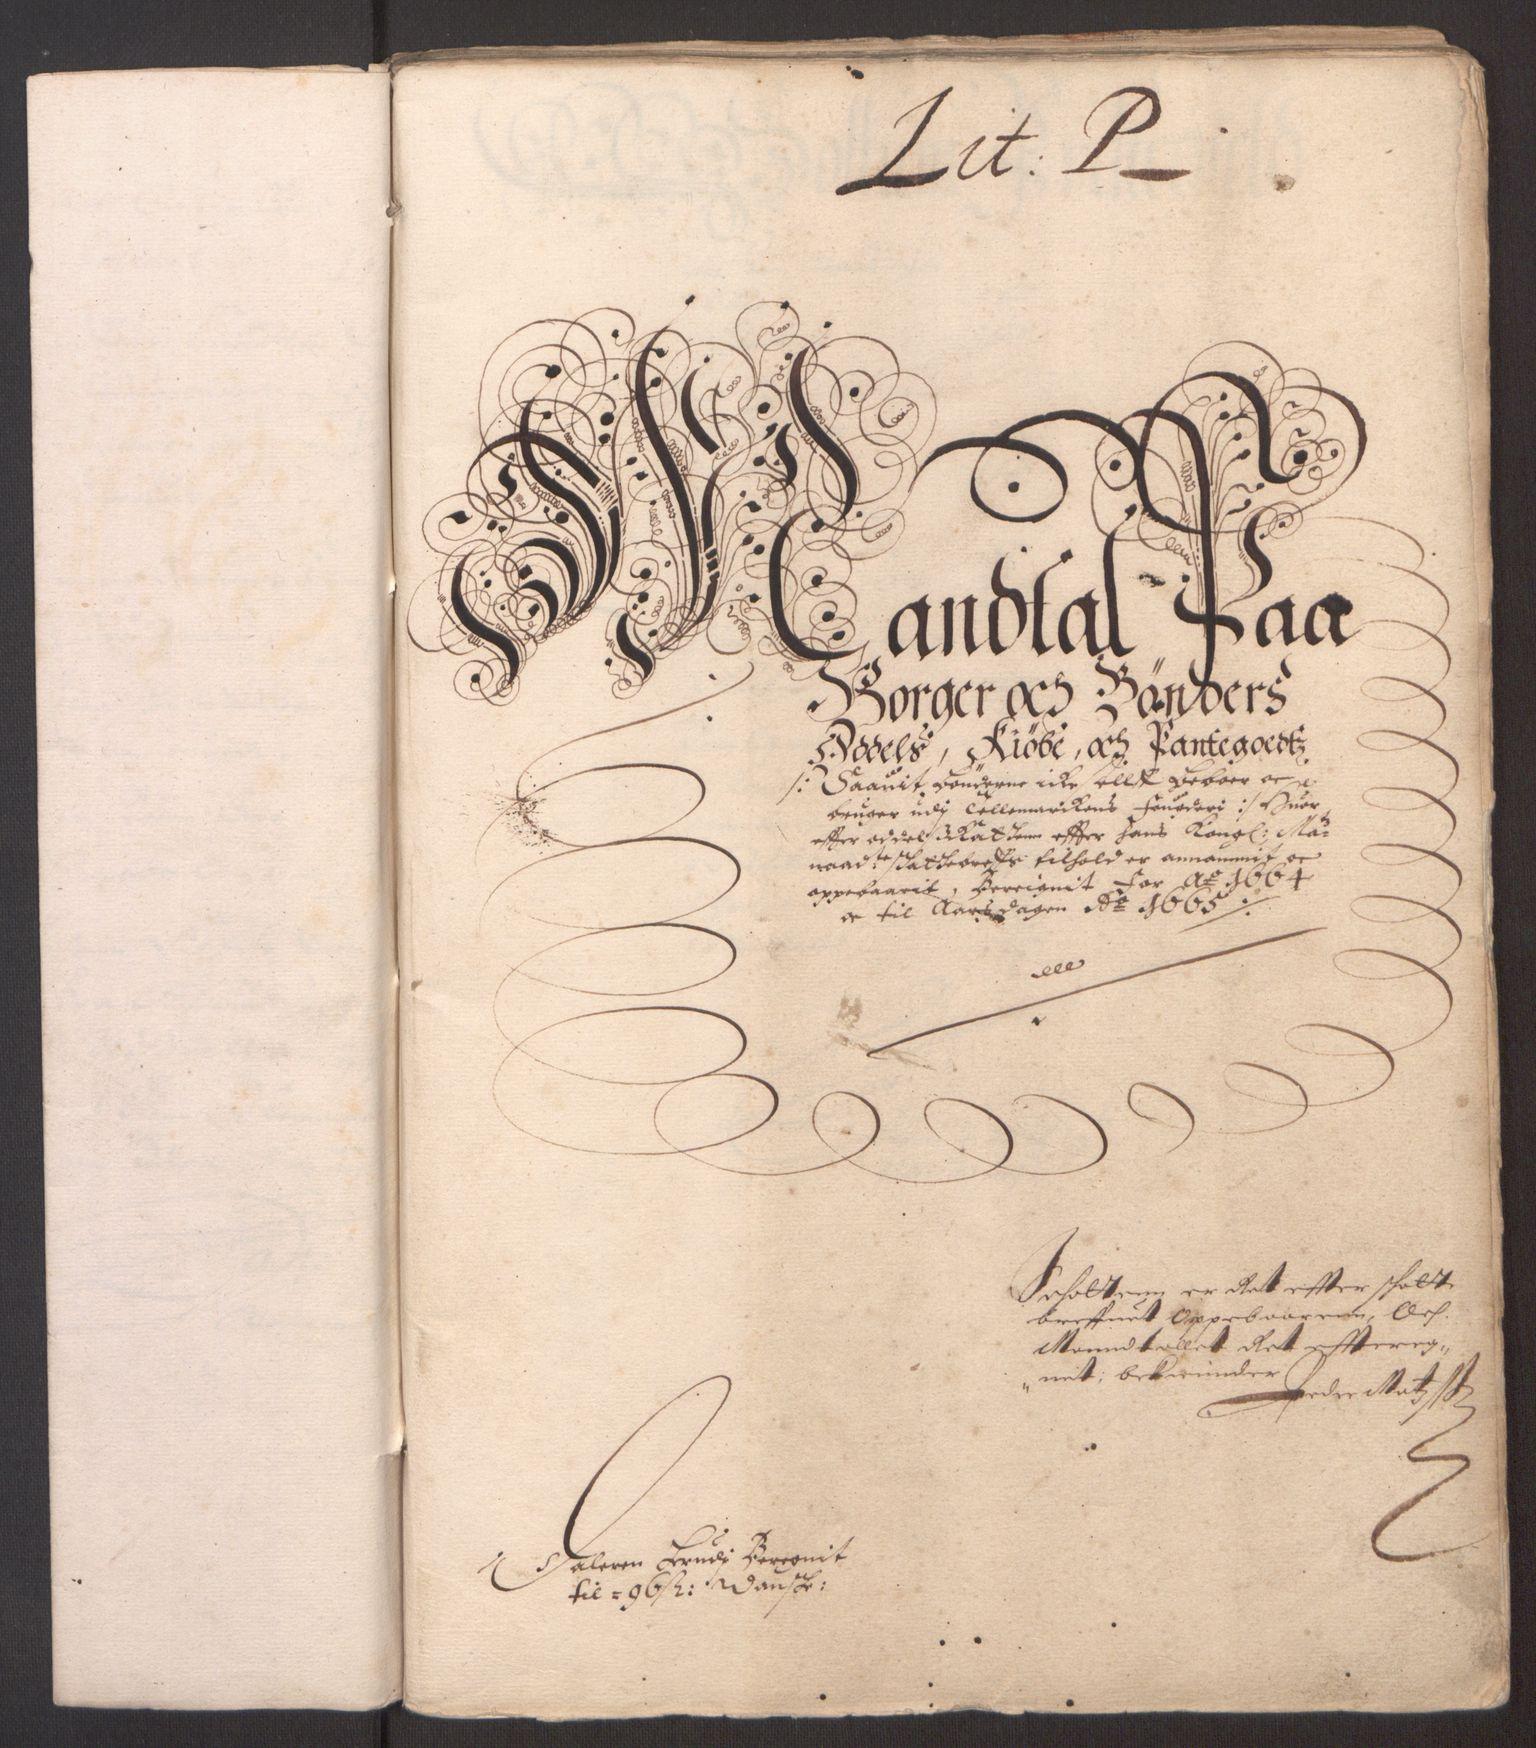 RA, Rentekammeret inntil 1814, Reviderte regnskaper, Fogderegnskap, R35/L2055: Fogderegnskap Øvre og Nedre Telemark, 1664, s. 106